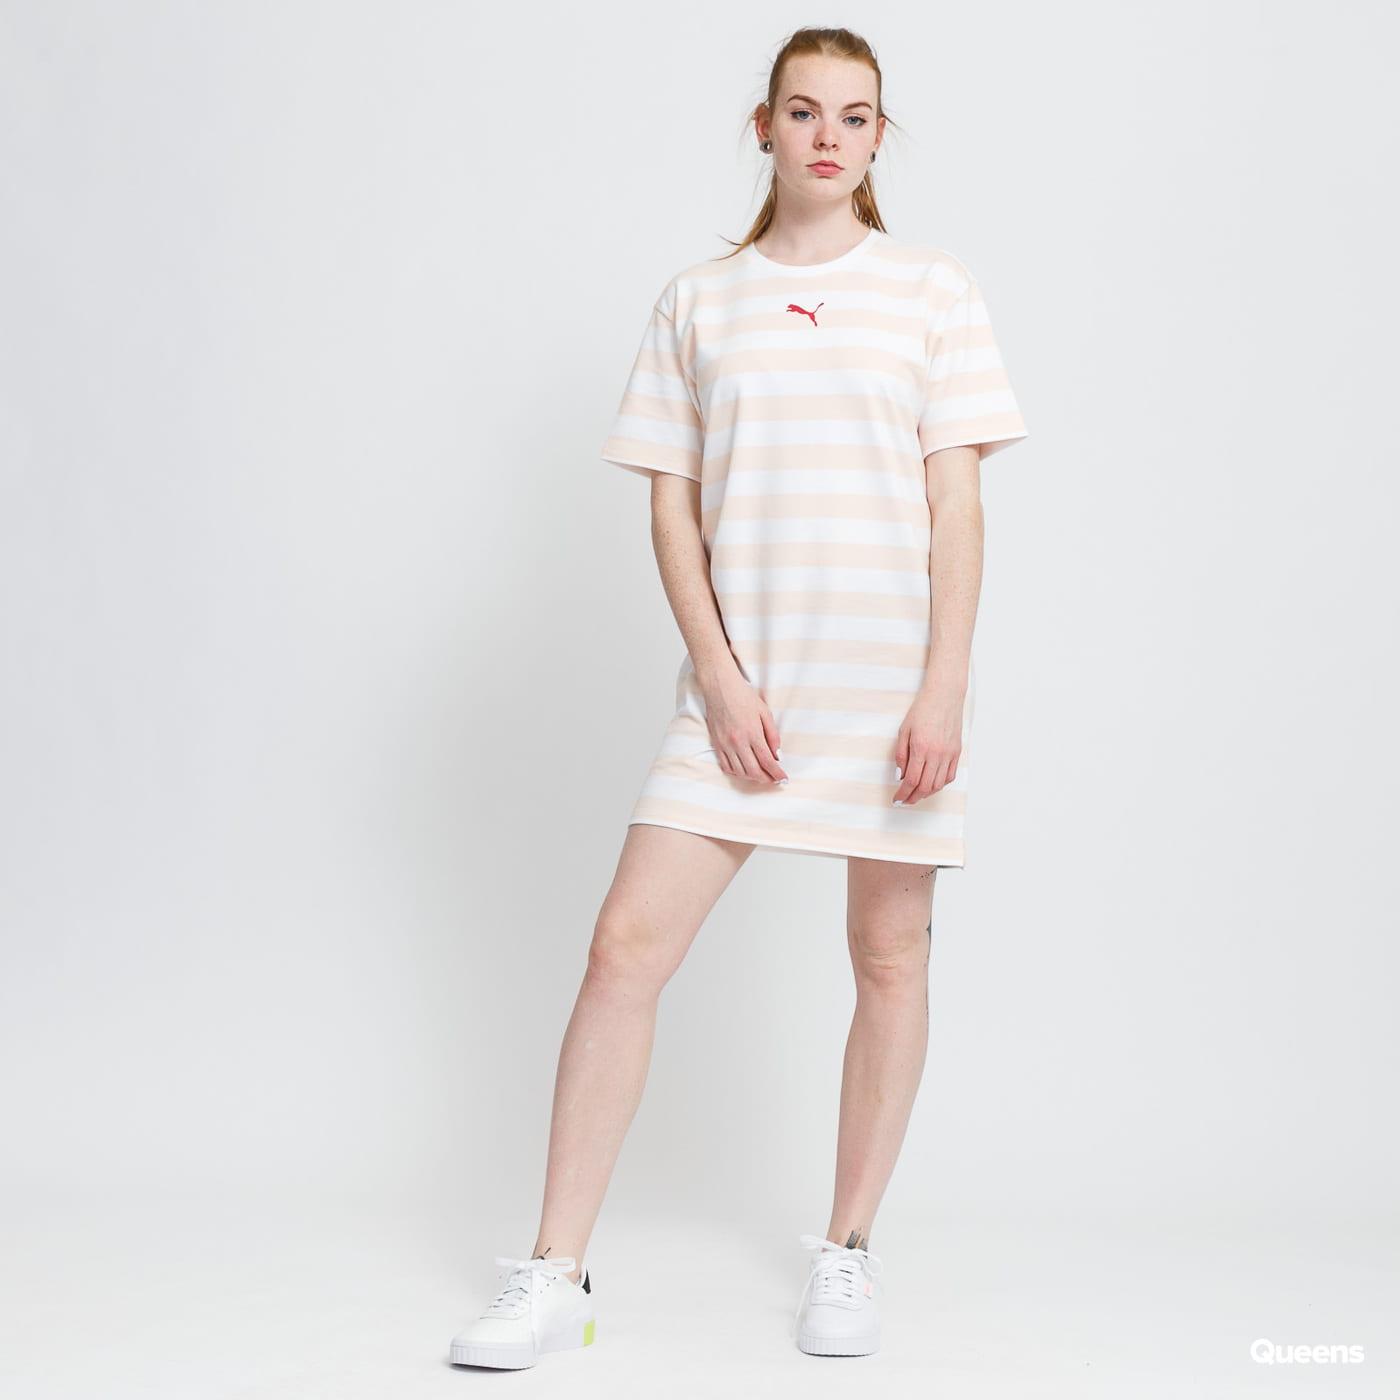 Puma Summer Stripes AOP Dress light pink / white